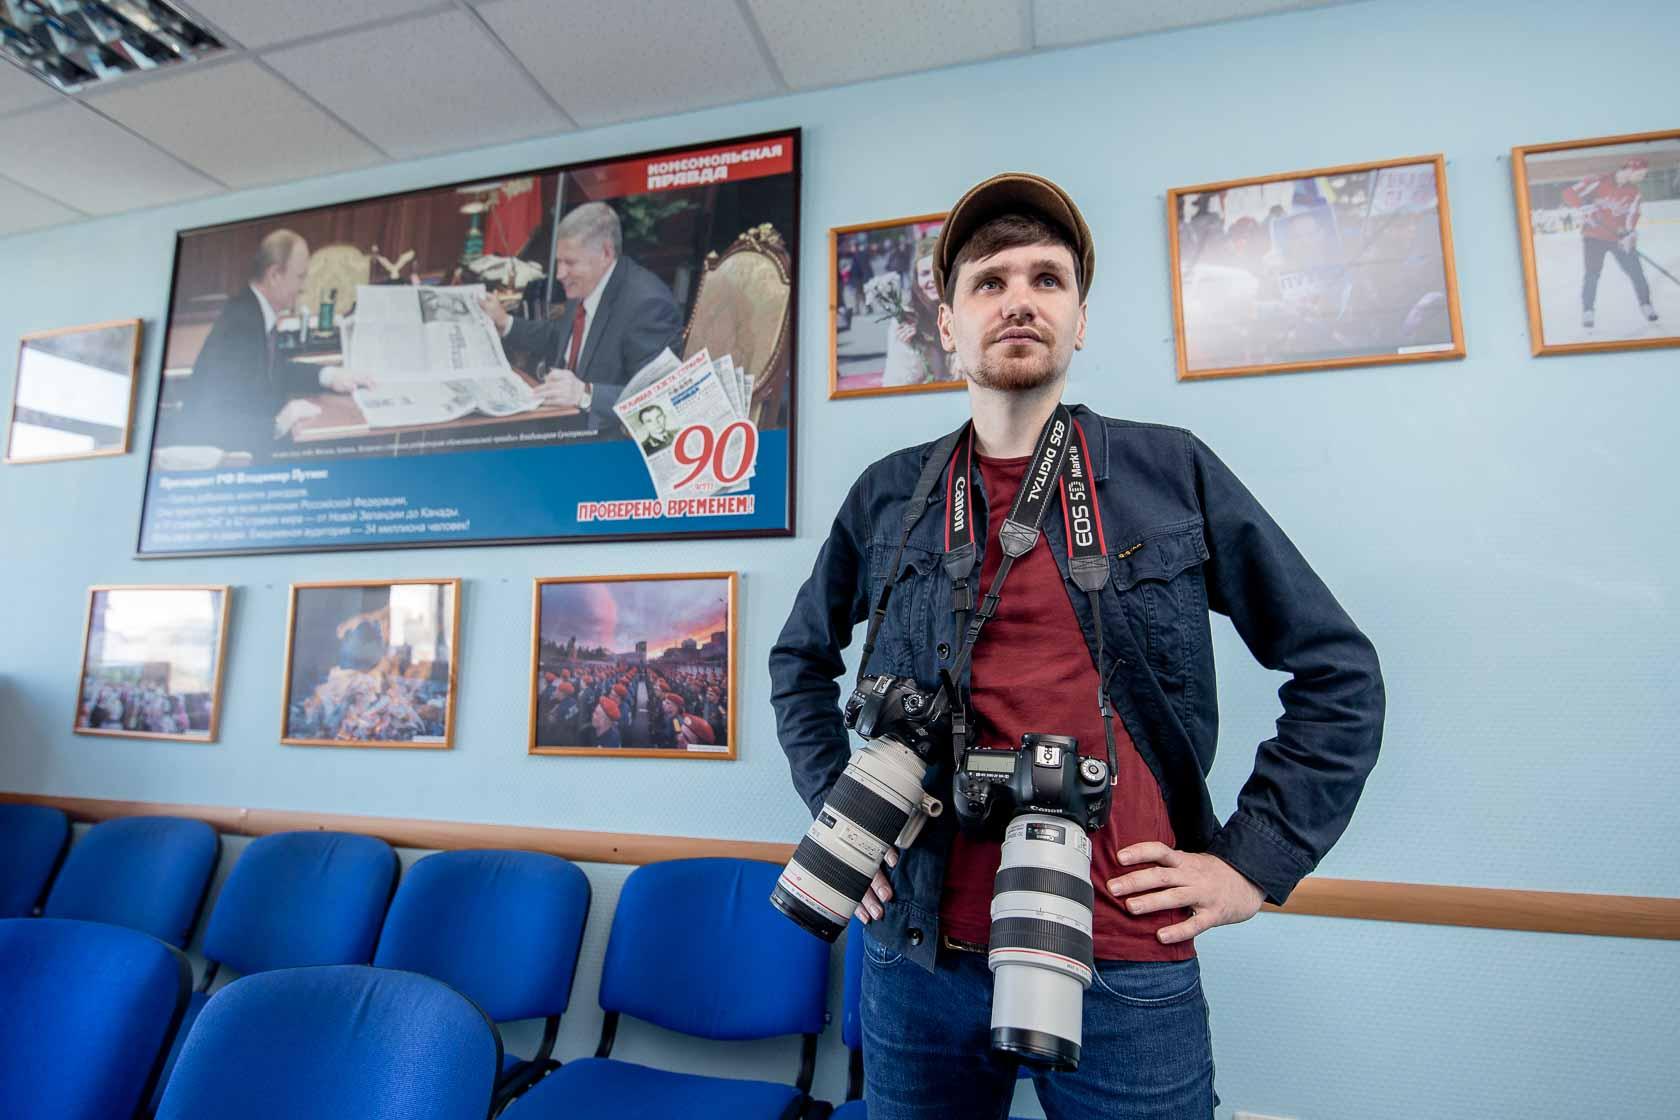 Валерий Звонарёв приехал на съёмку по заданию редакции